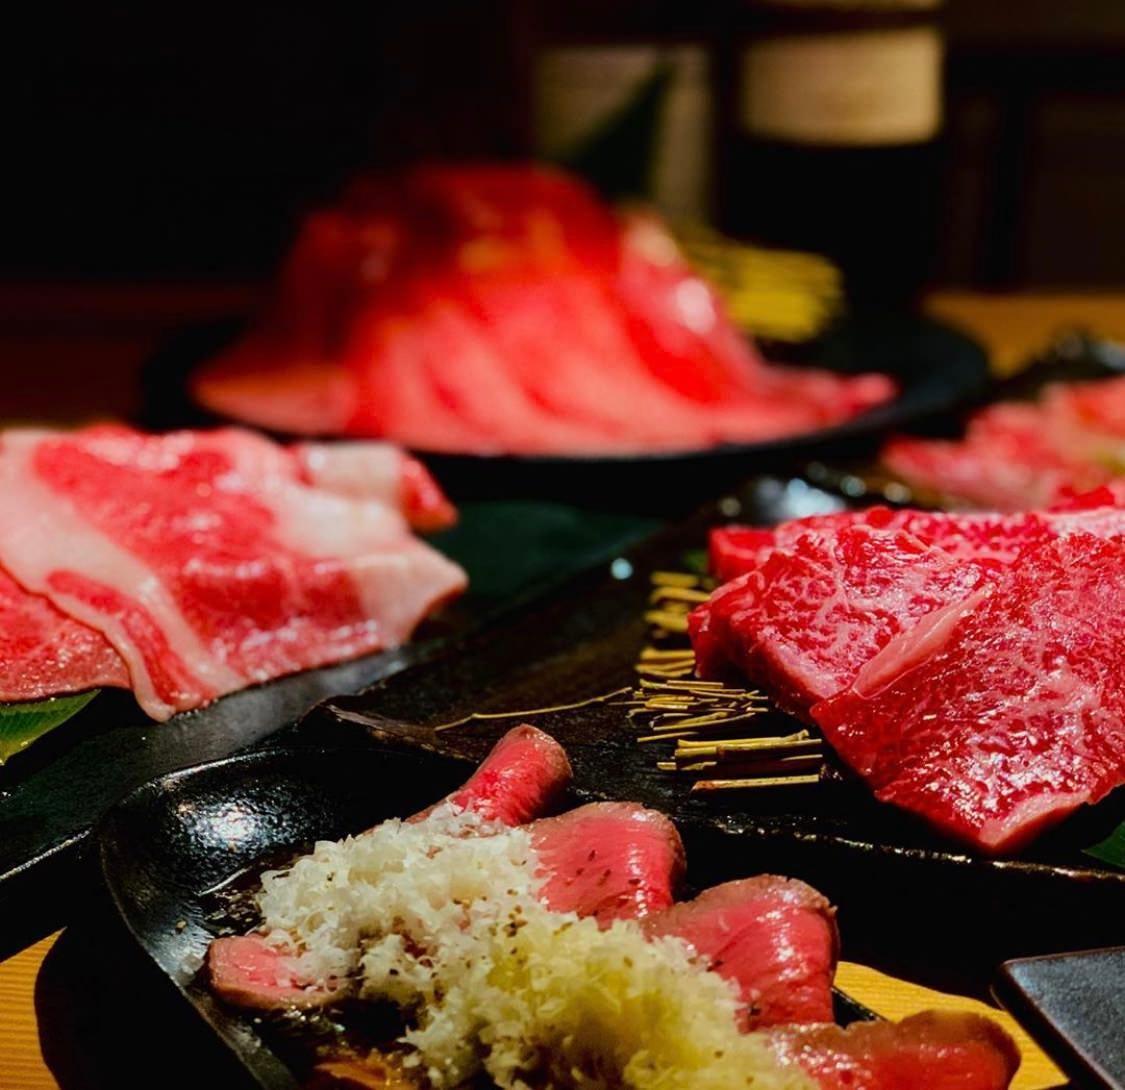 【当日予約OK】名物タンの焼きしゃぶをはじめ熟成肉などよしはら初めての方にオススメ料理のみ7000円コース